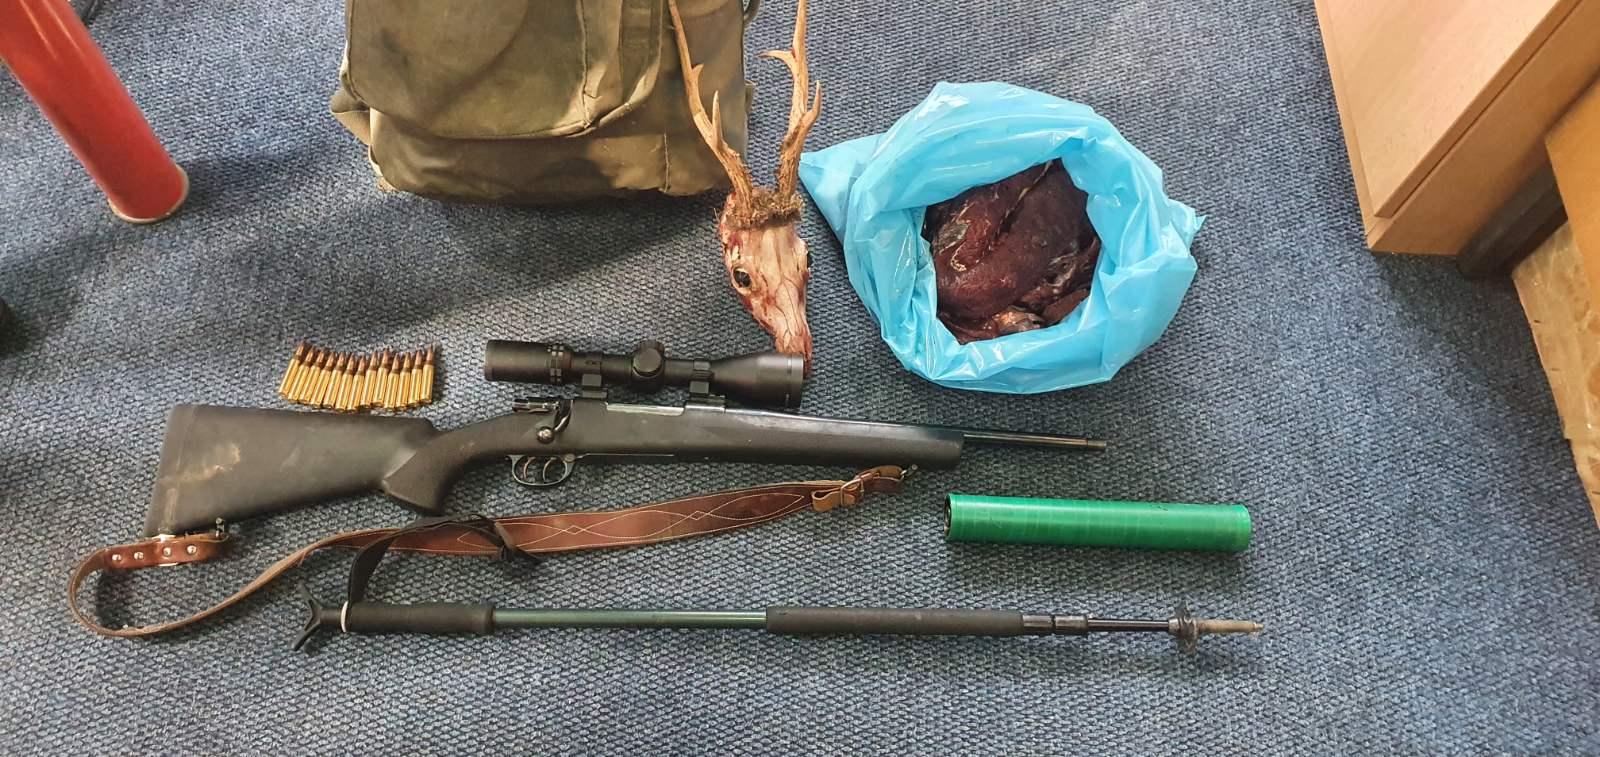 Uhvaćen krivolovac u NP Durmitor: Odsjekao glavu srndaću